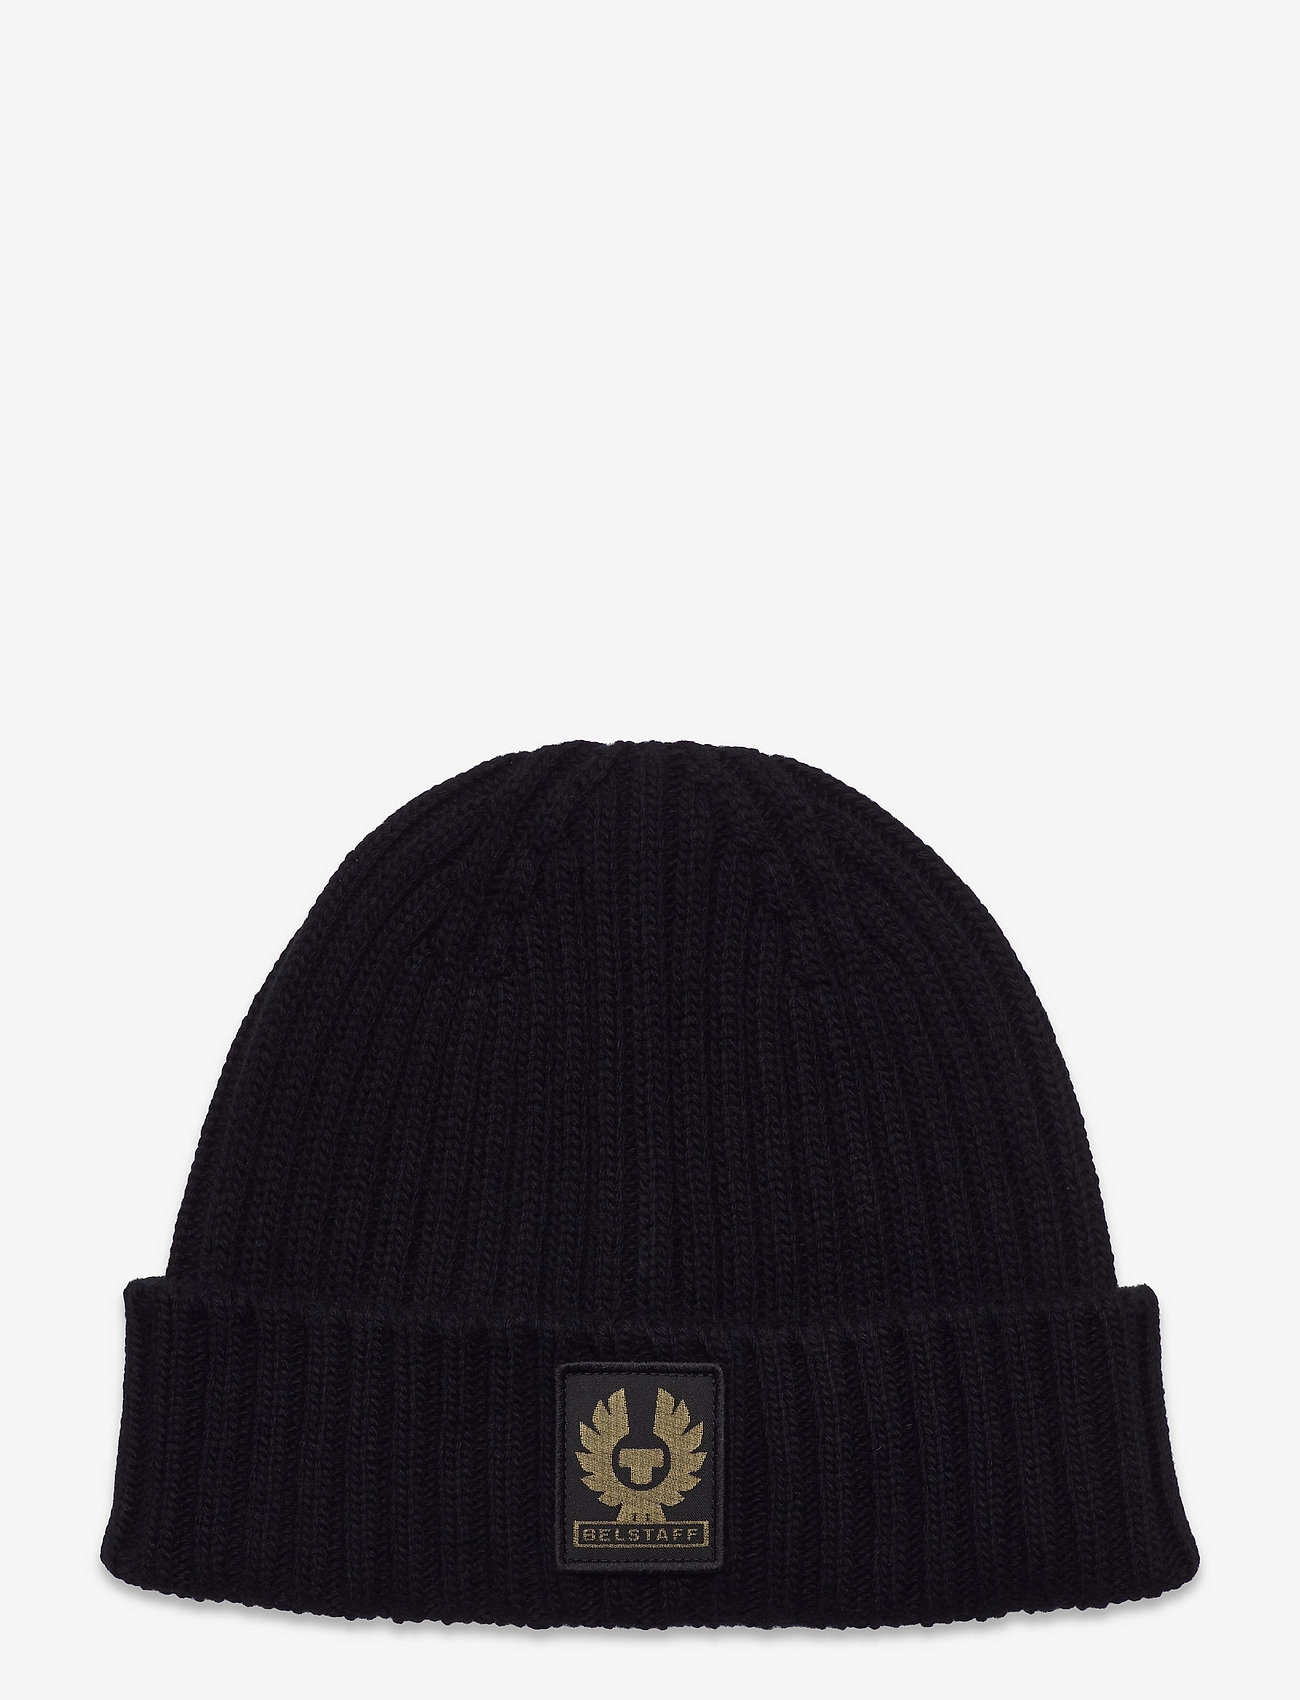 Belstaff - WATCH HAT W/PATCH - bonnets & casquettes - black - 0